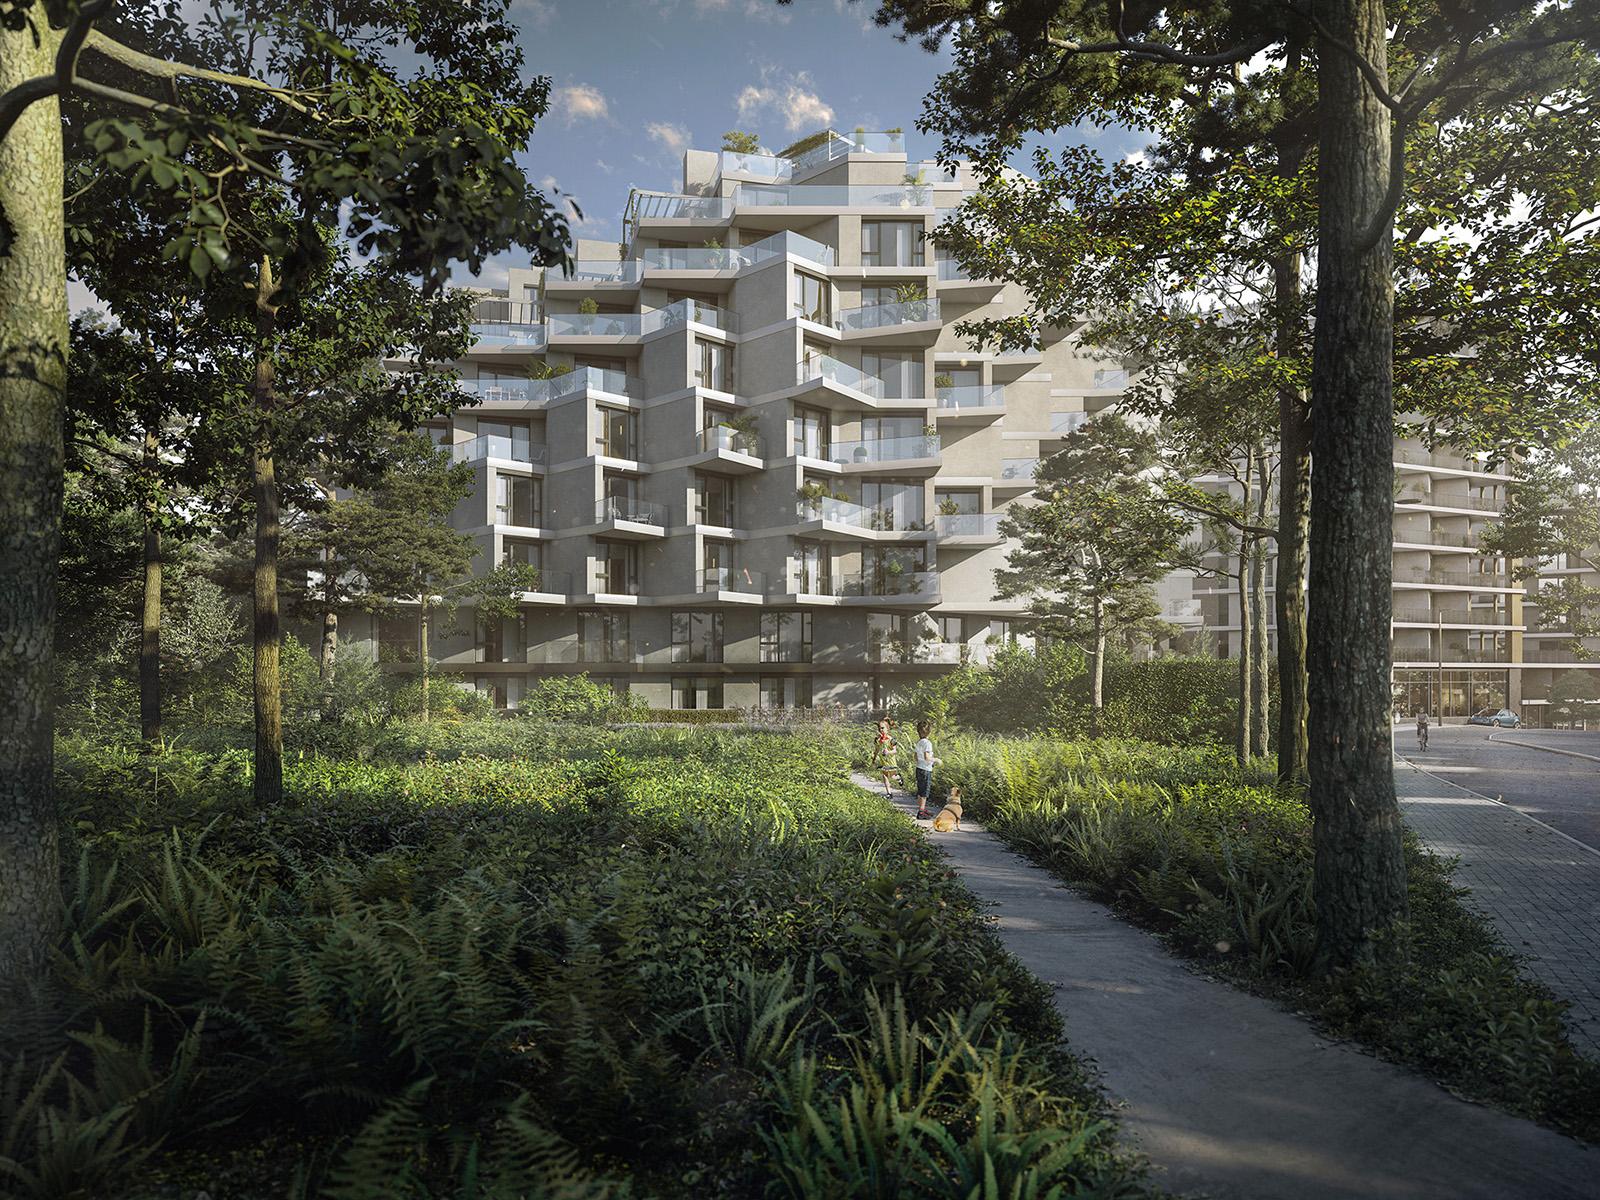 Vizualizace přírodní části bytových domů Hagibor v Praze